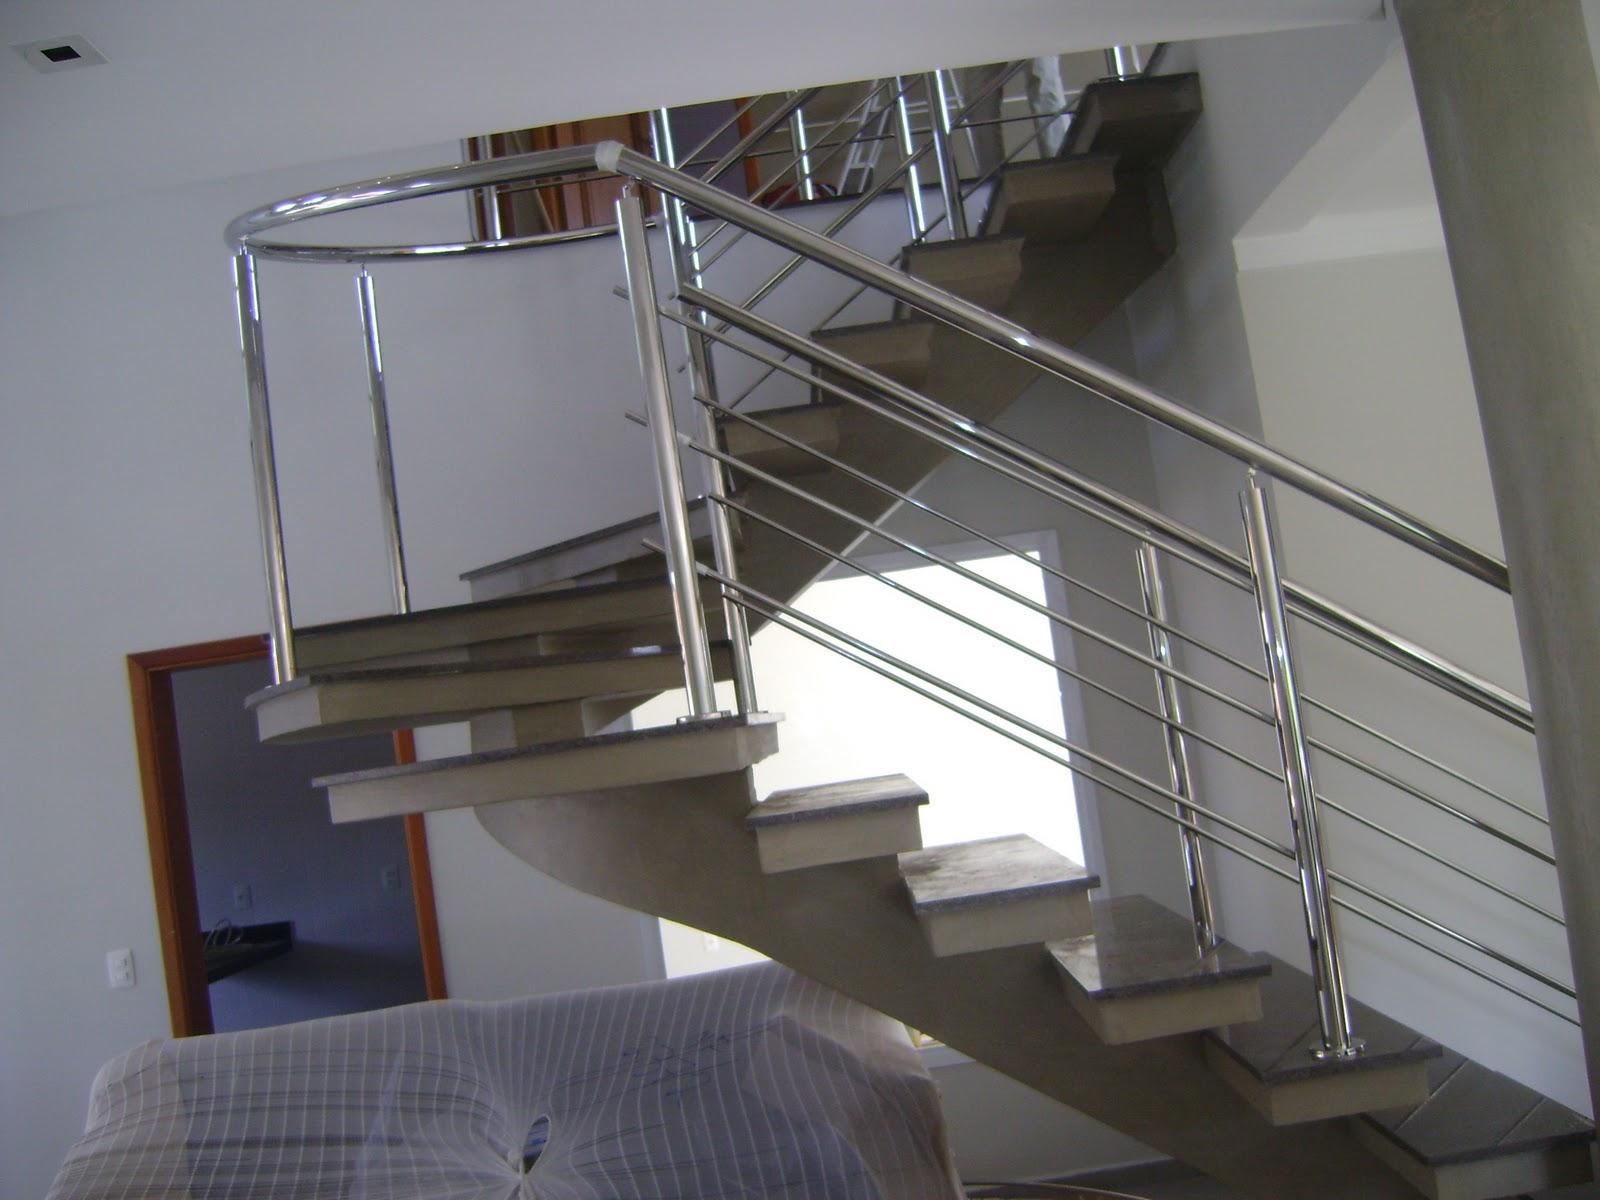 #565975 Esquadrias de Aluminio: Janeiro 2012 1412 Quanto Custa Uma Janela De Aluminio Branco